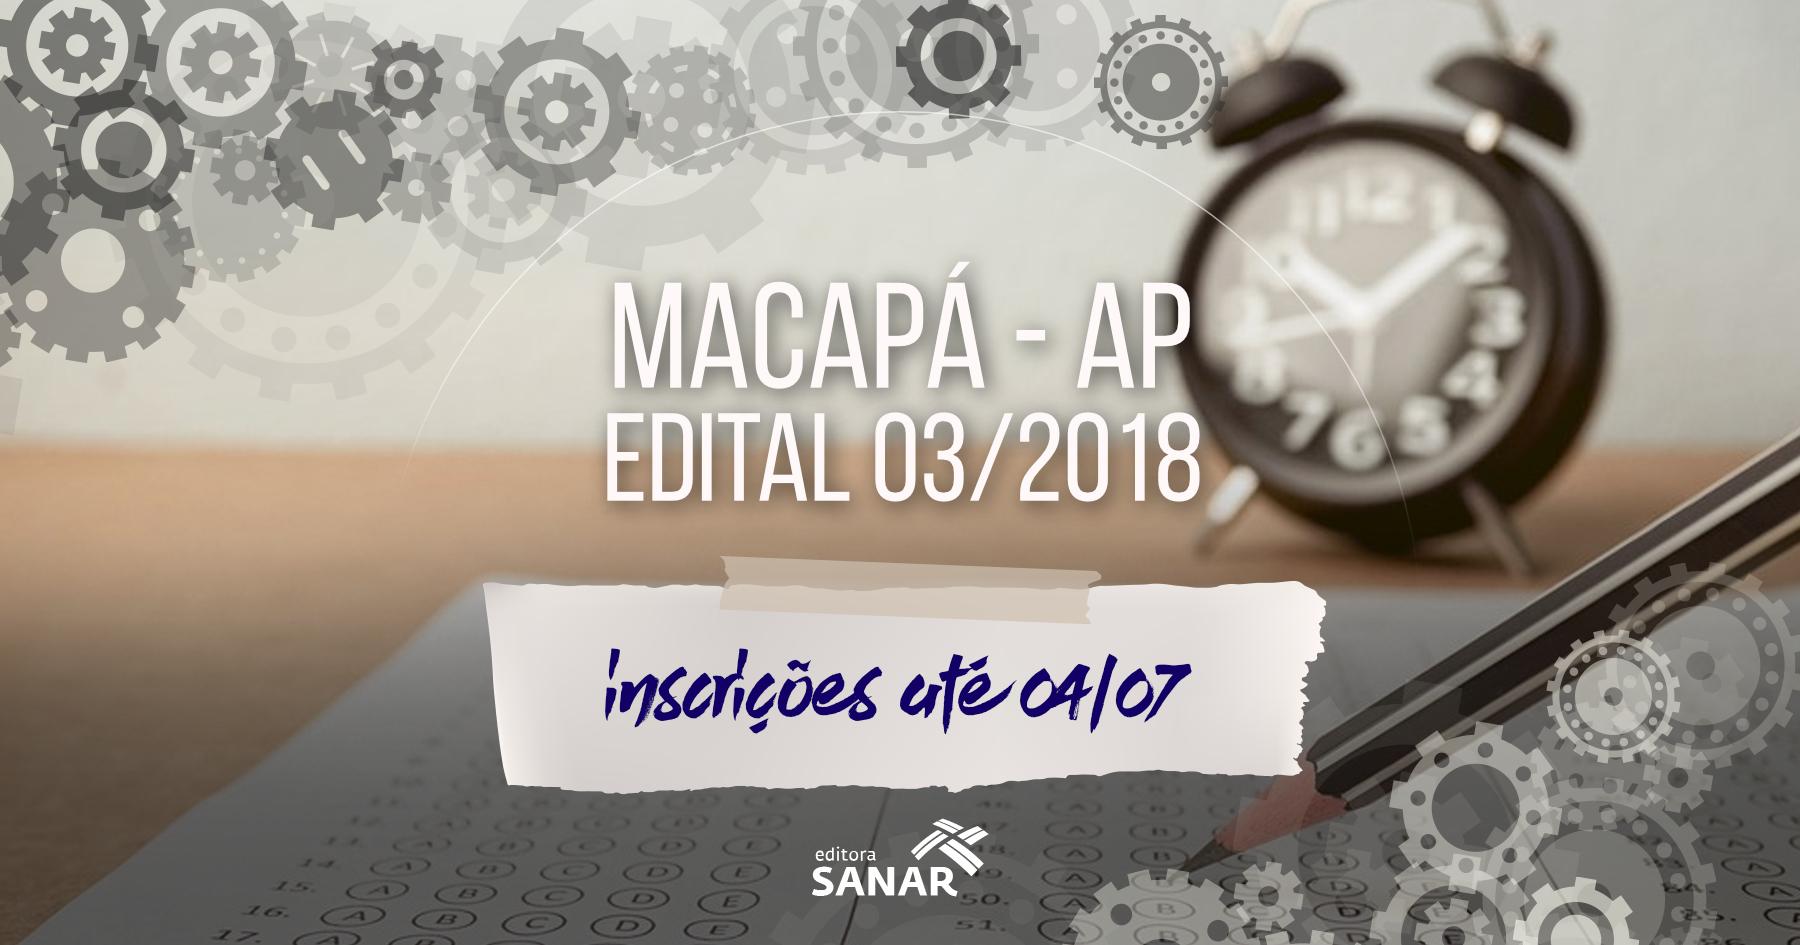 Concursos Macapá: conheça o edital 03/2018